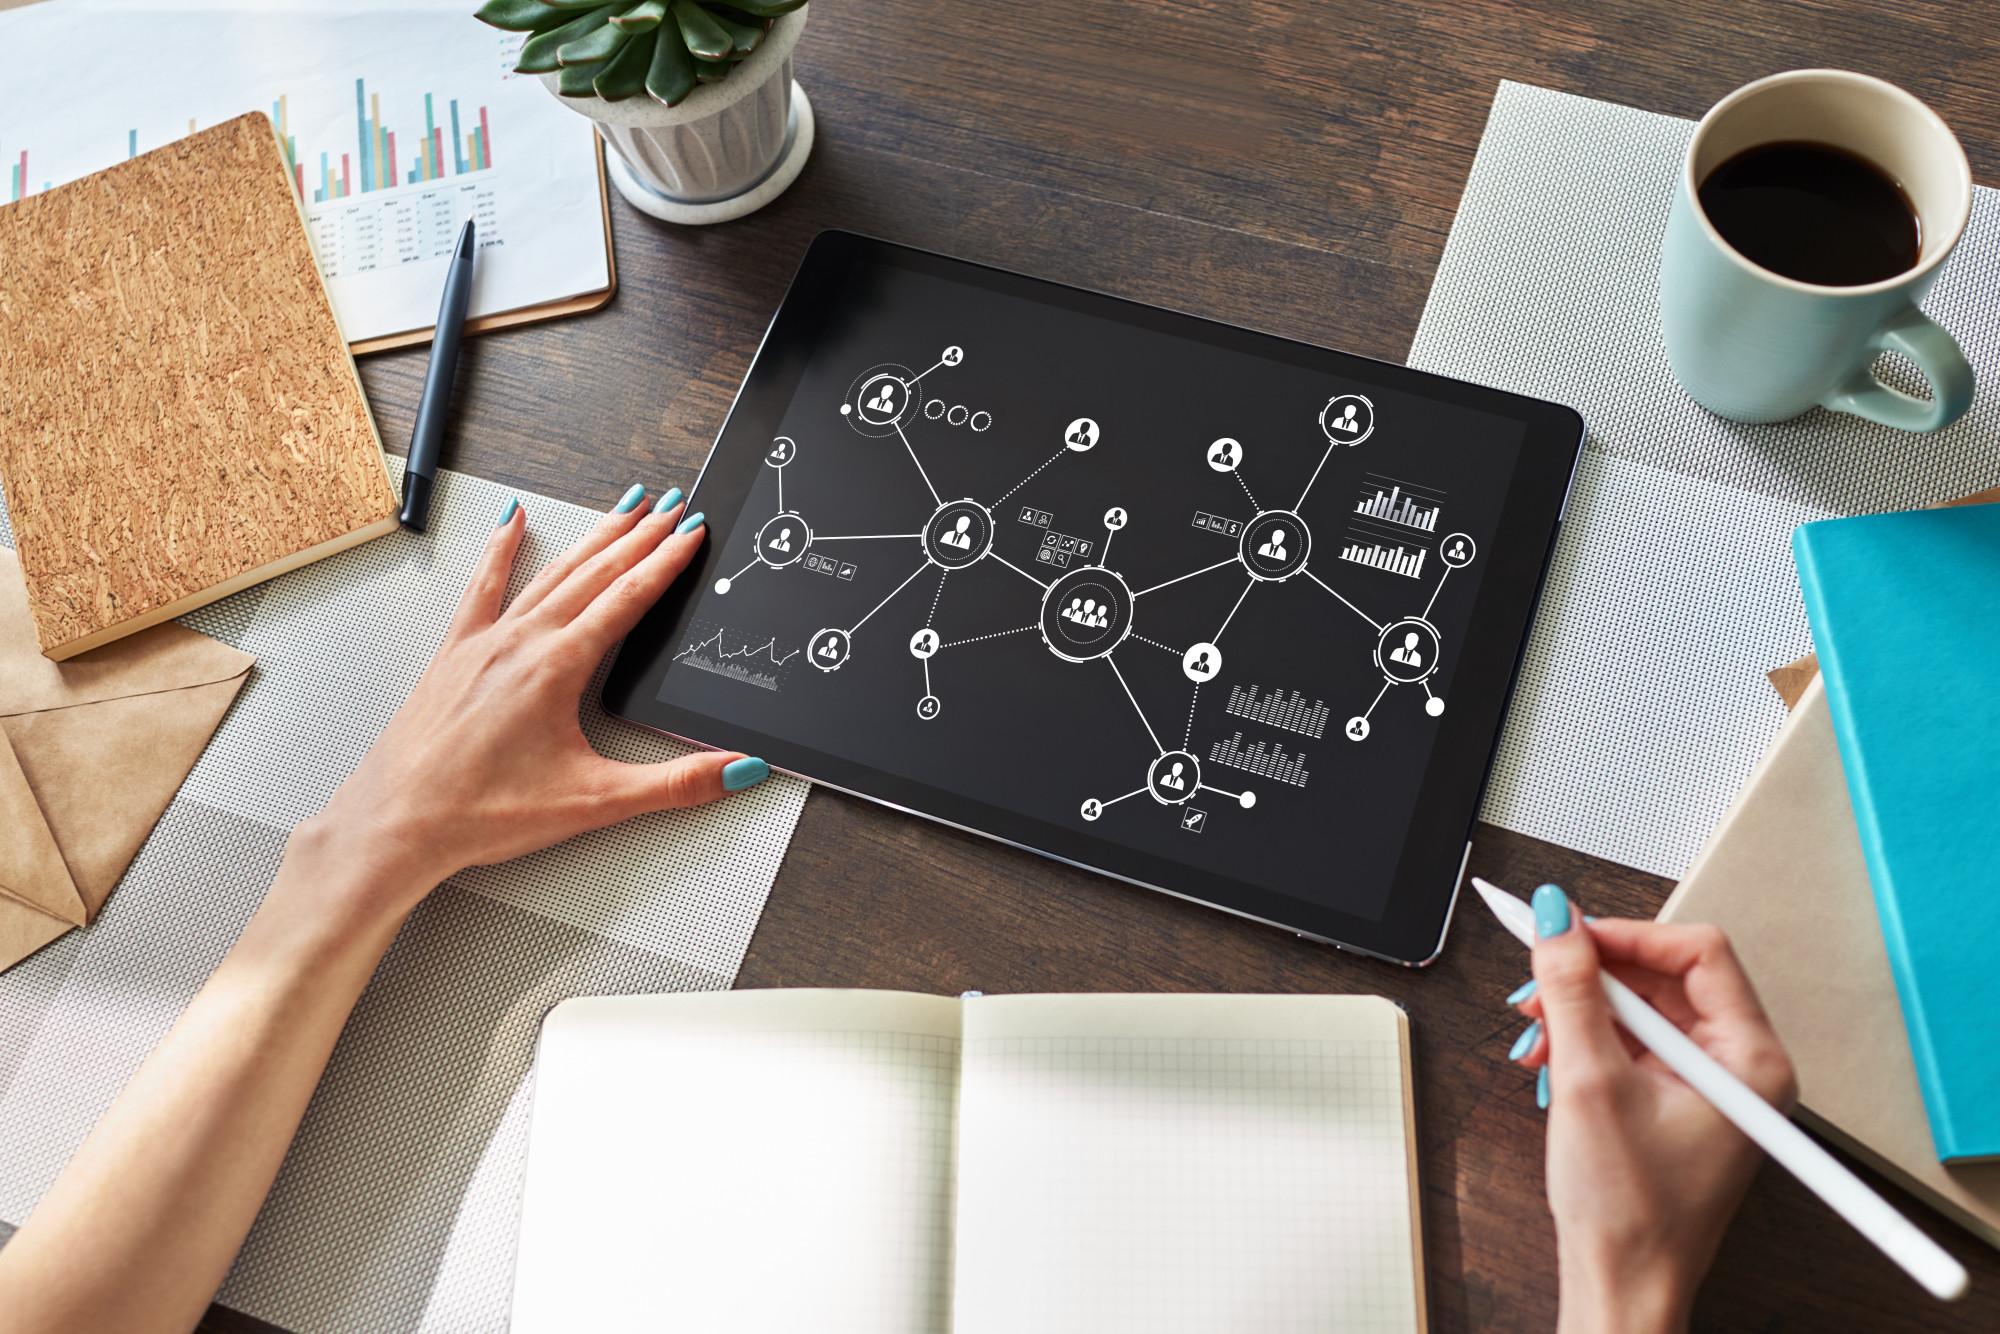 Come diventare un social media manager: 10 consigli Pro per gli studenti